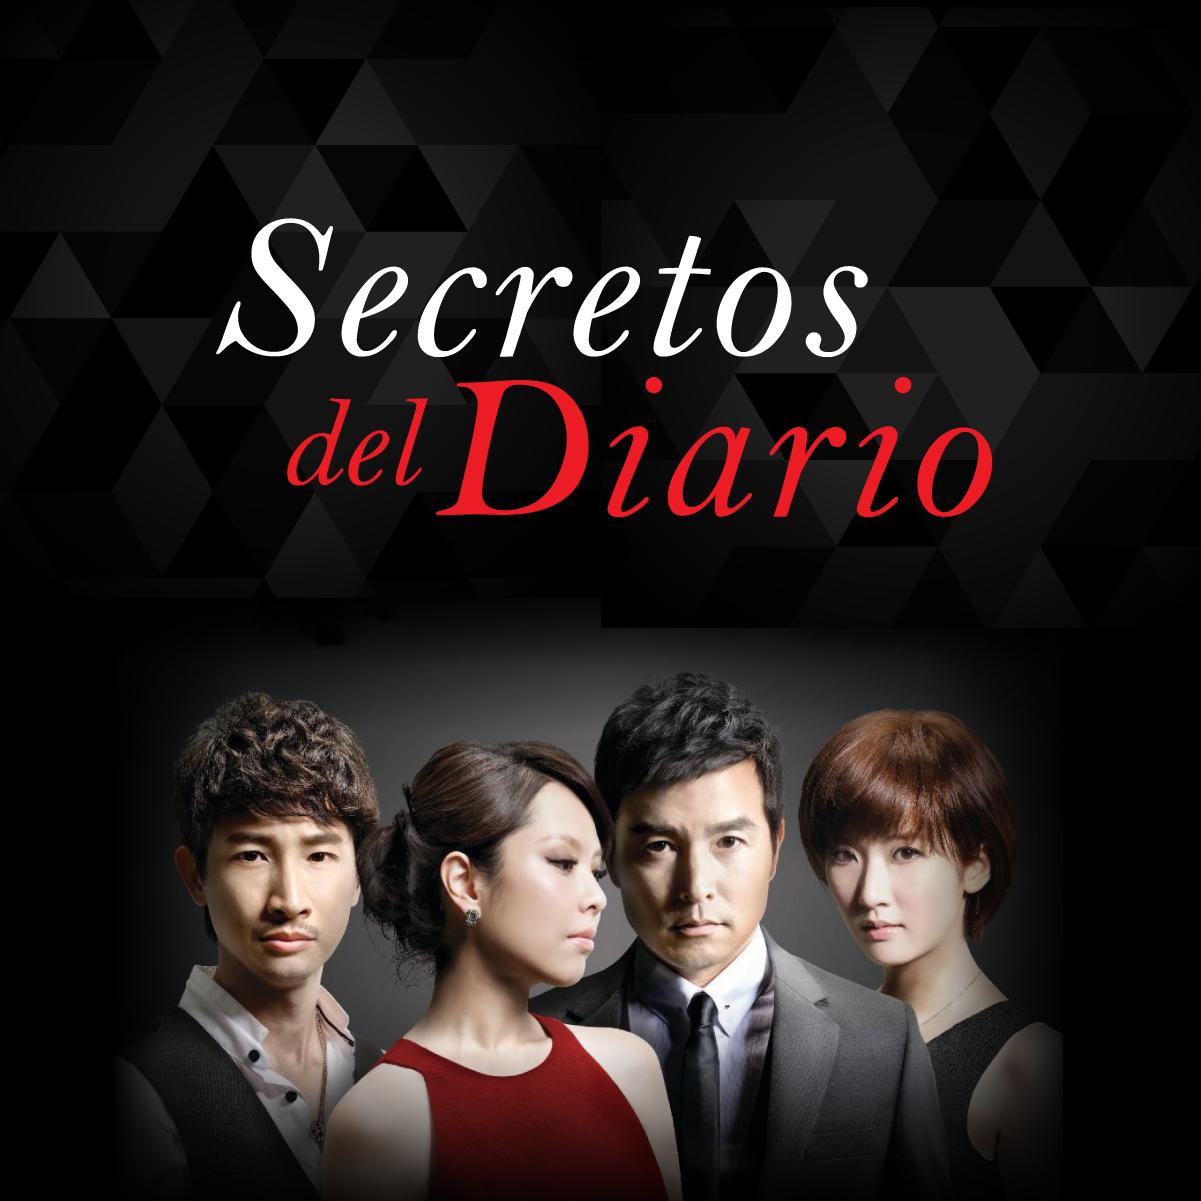 Secretos del Diario